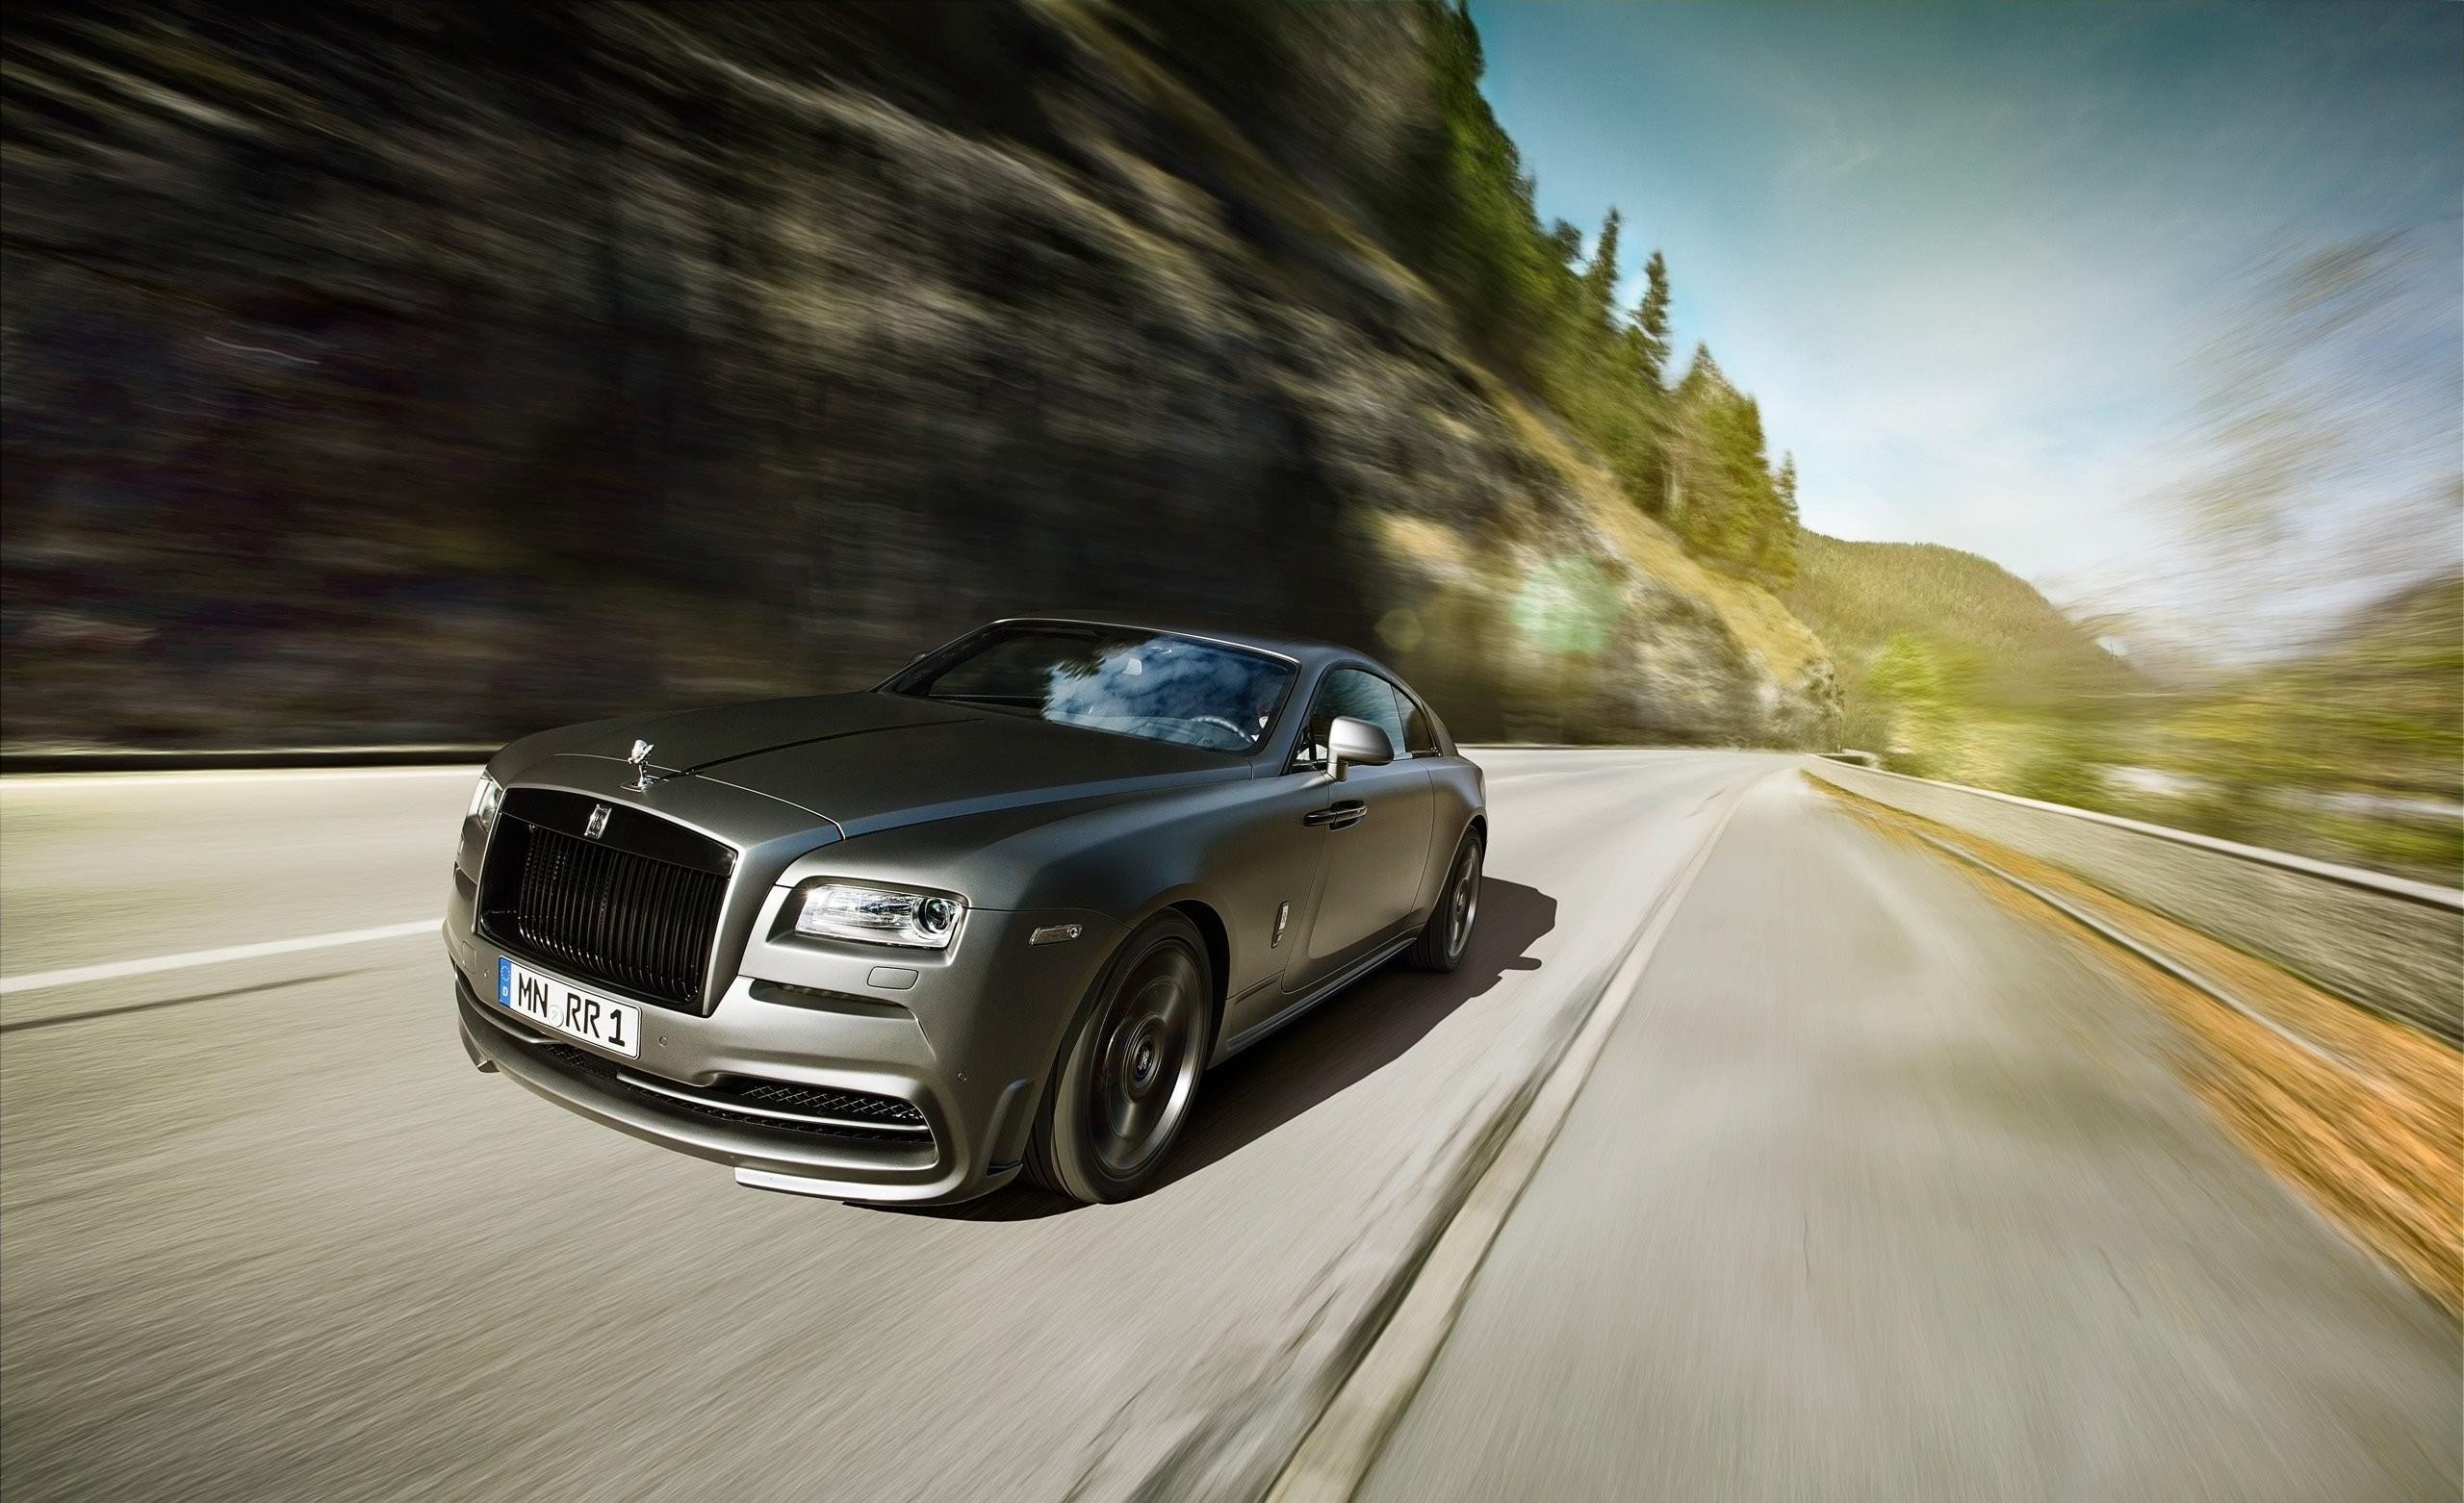 320x568 Rolls Royce Wraith Spofec 320x568 Resolution Hd 4k